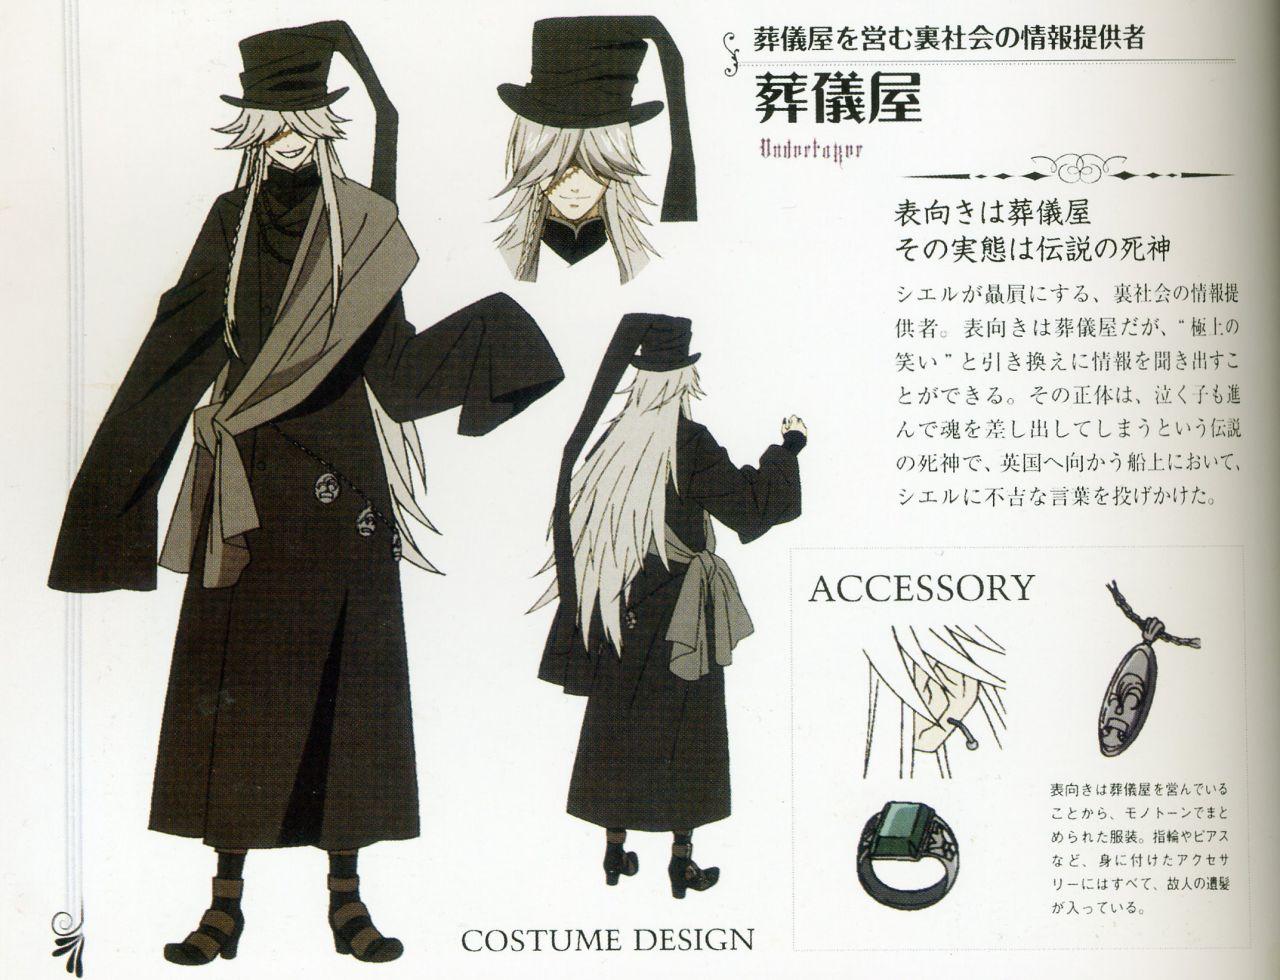 コスプレ黒執事葬儀屋/喪儀人cos服【ウエストチェーン、ネックレス】